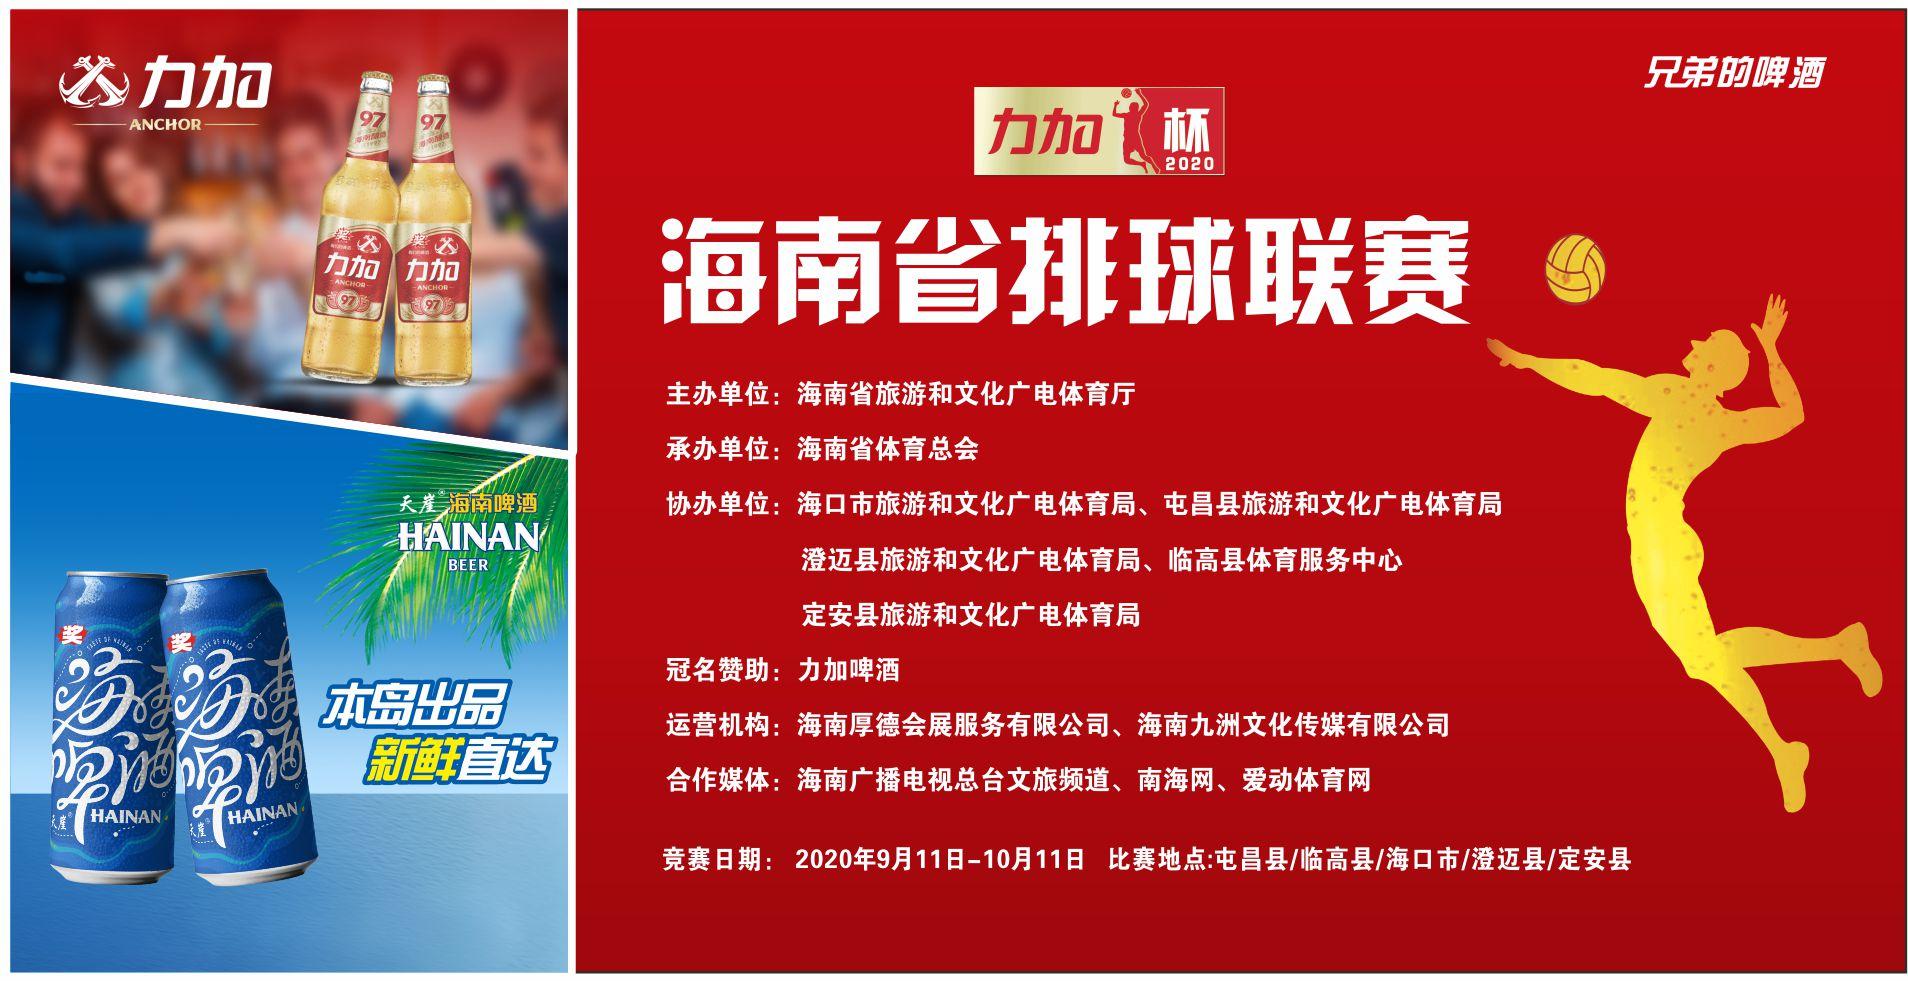 """【回放】2020""""力加杯""""海南省排球联赛 9月12日晚 A组"""